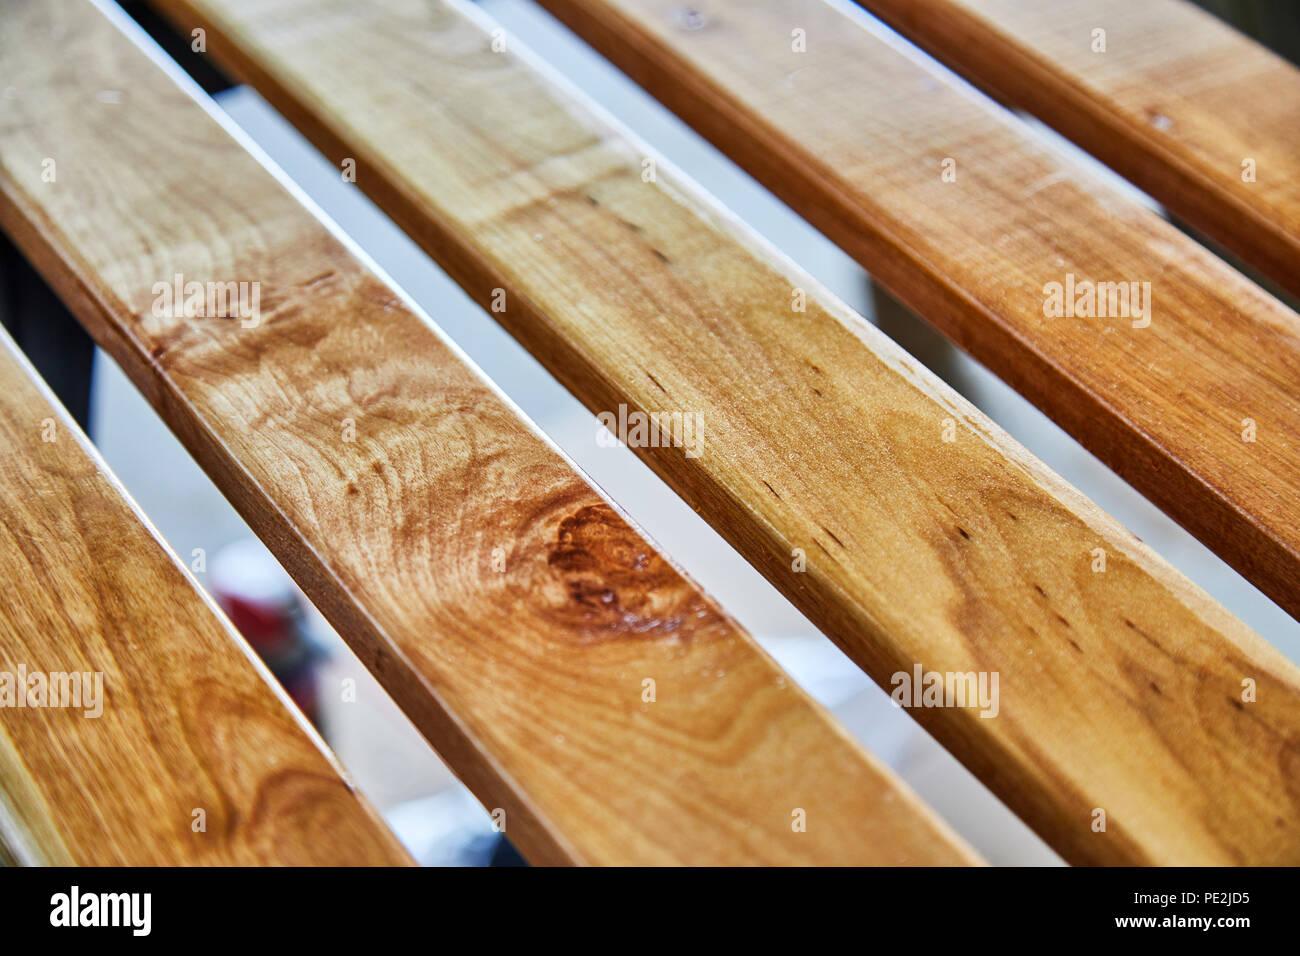 https www alamyimages fr le bois de bouleau verni nouveau lattes pour un banc exterieur avec une faible profondeur de champ image215187985 html